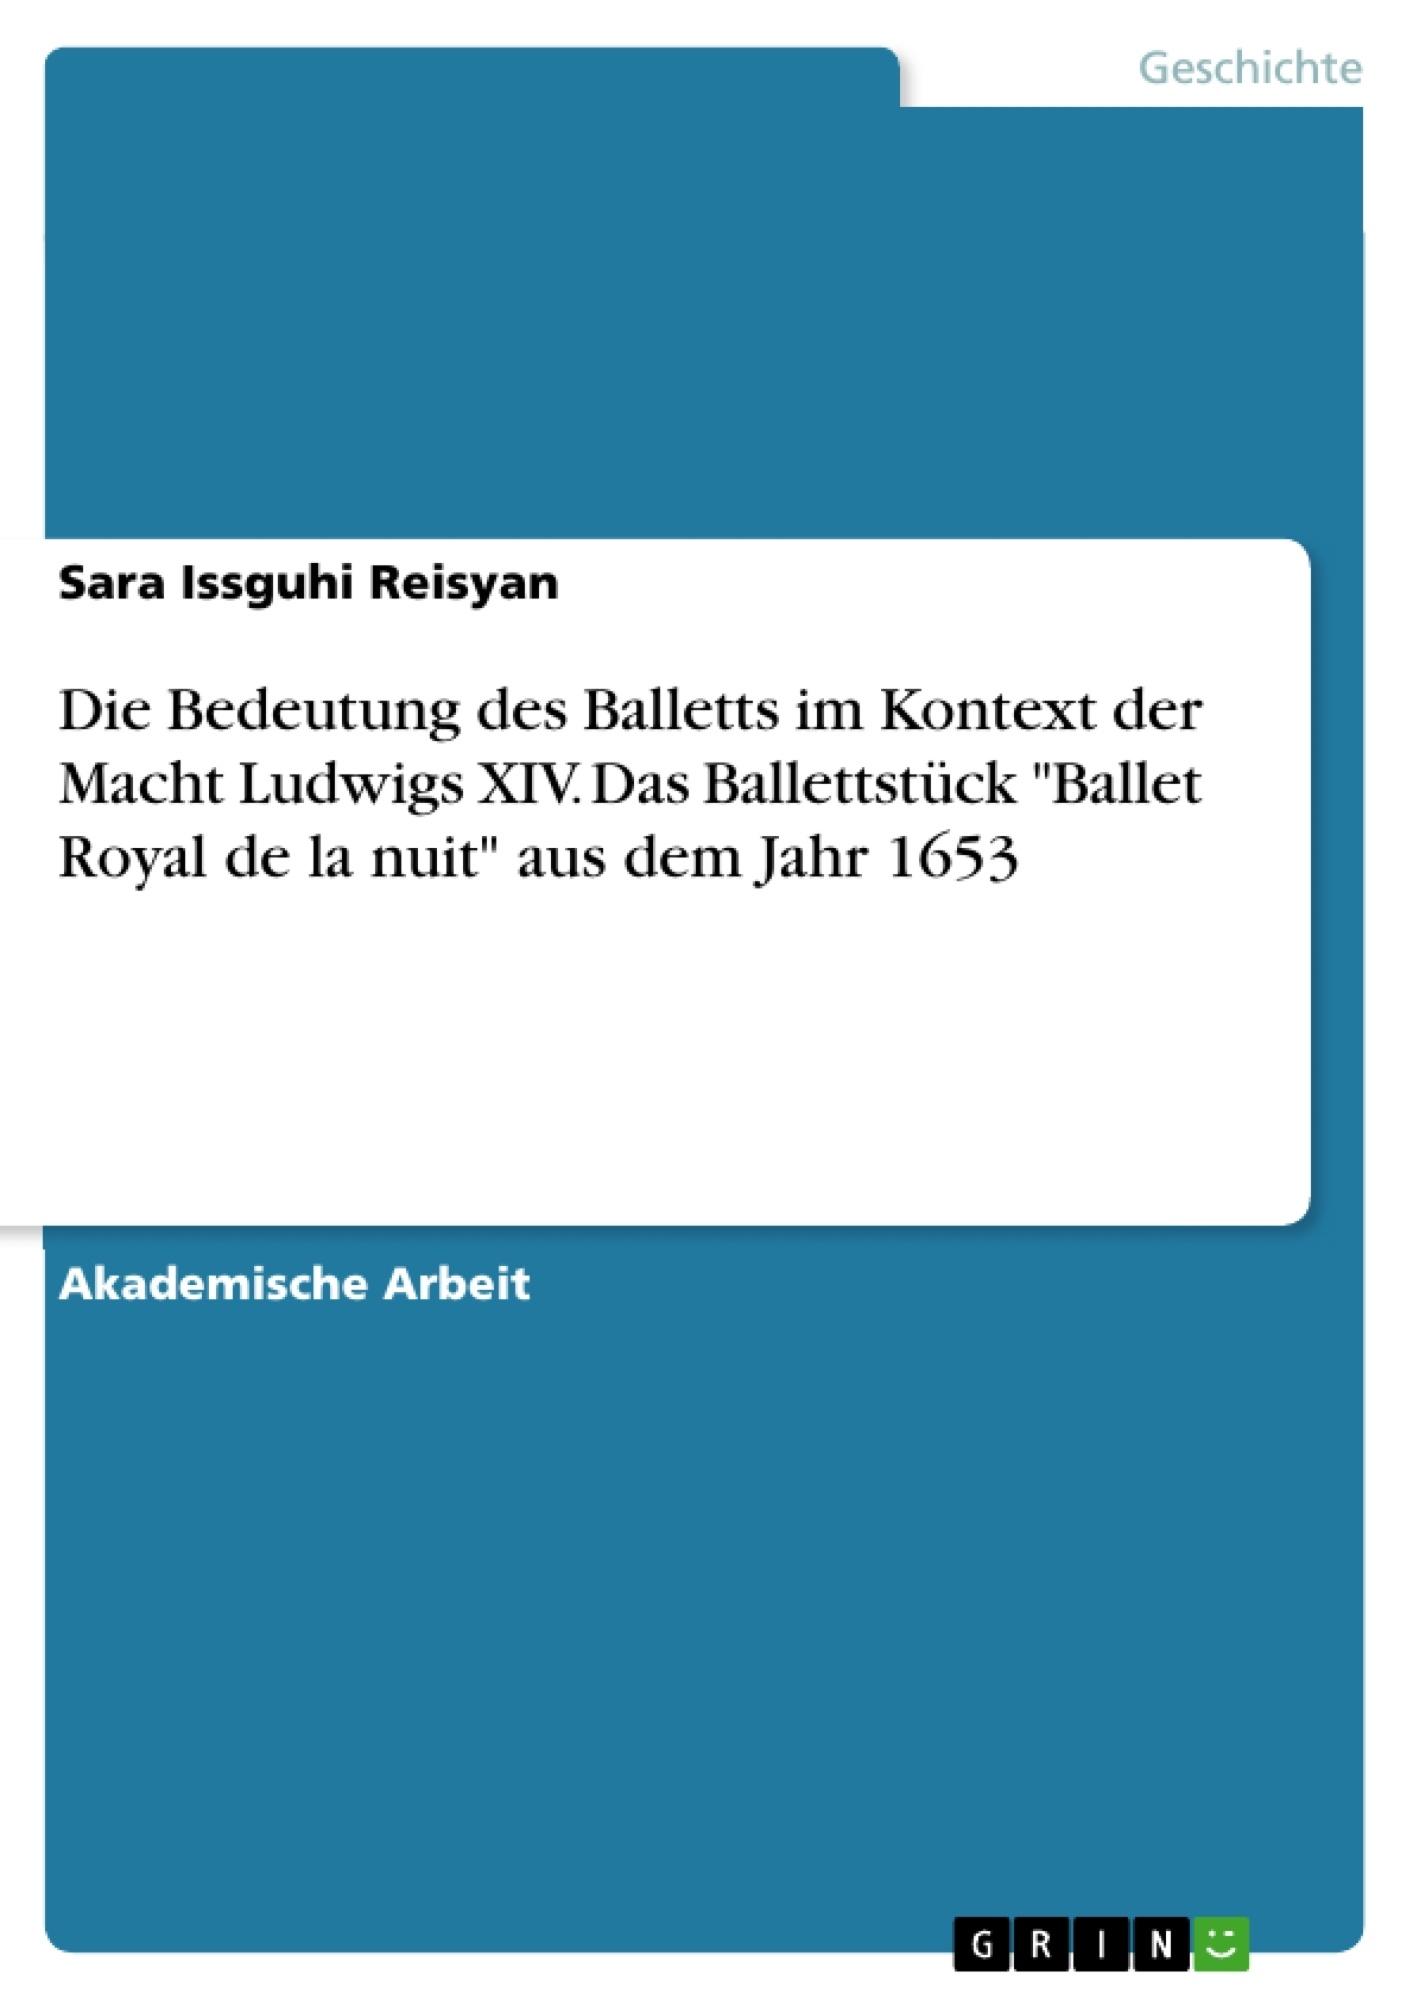 """Titel: Die Bedeutung des Balletts im Kontext der Macht Ludwigs XIV. Das Ballettstück """"Ballet Royal de la nuit"""" aus dem Jahr 1653"""